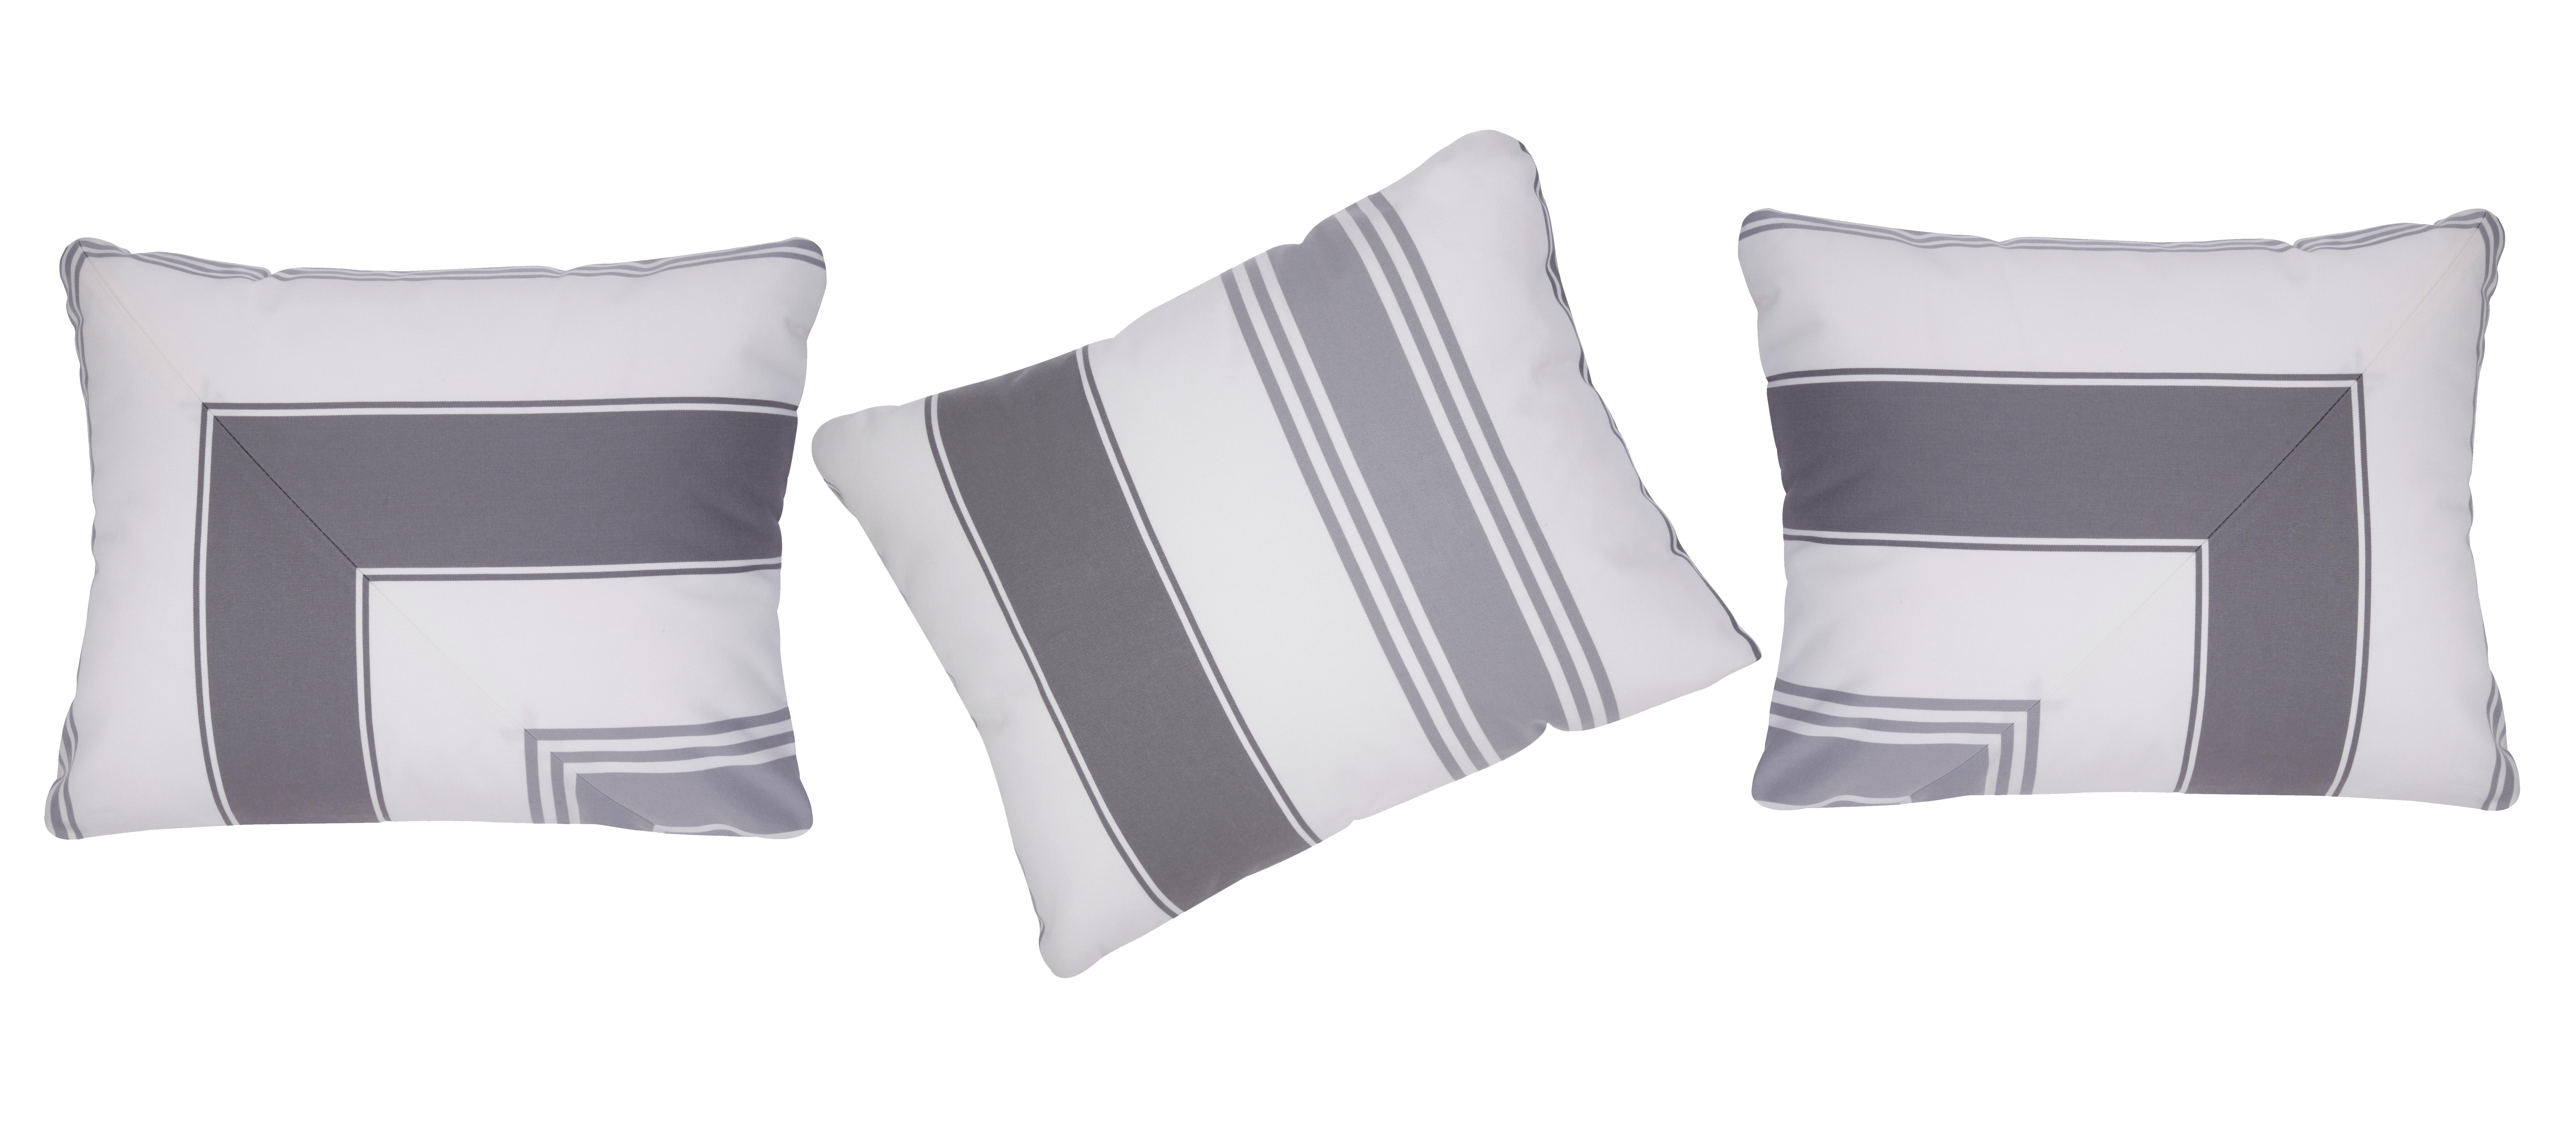 coussin ext rieur la dolce vita. Black Bedroom Furniture Sets. Home Design Ideas